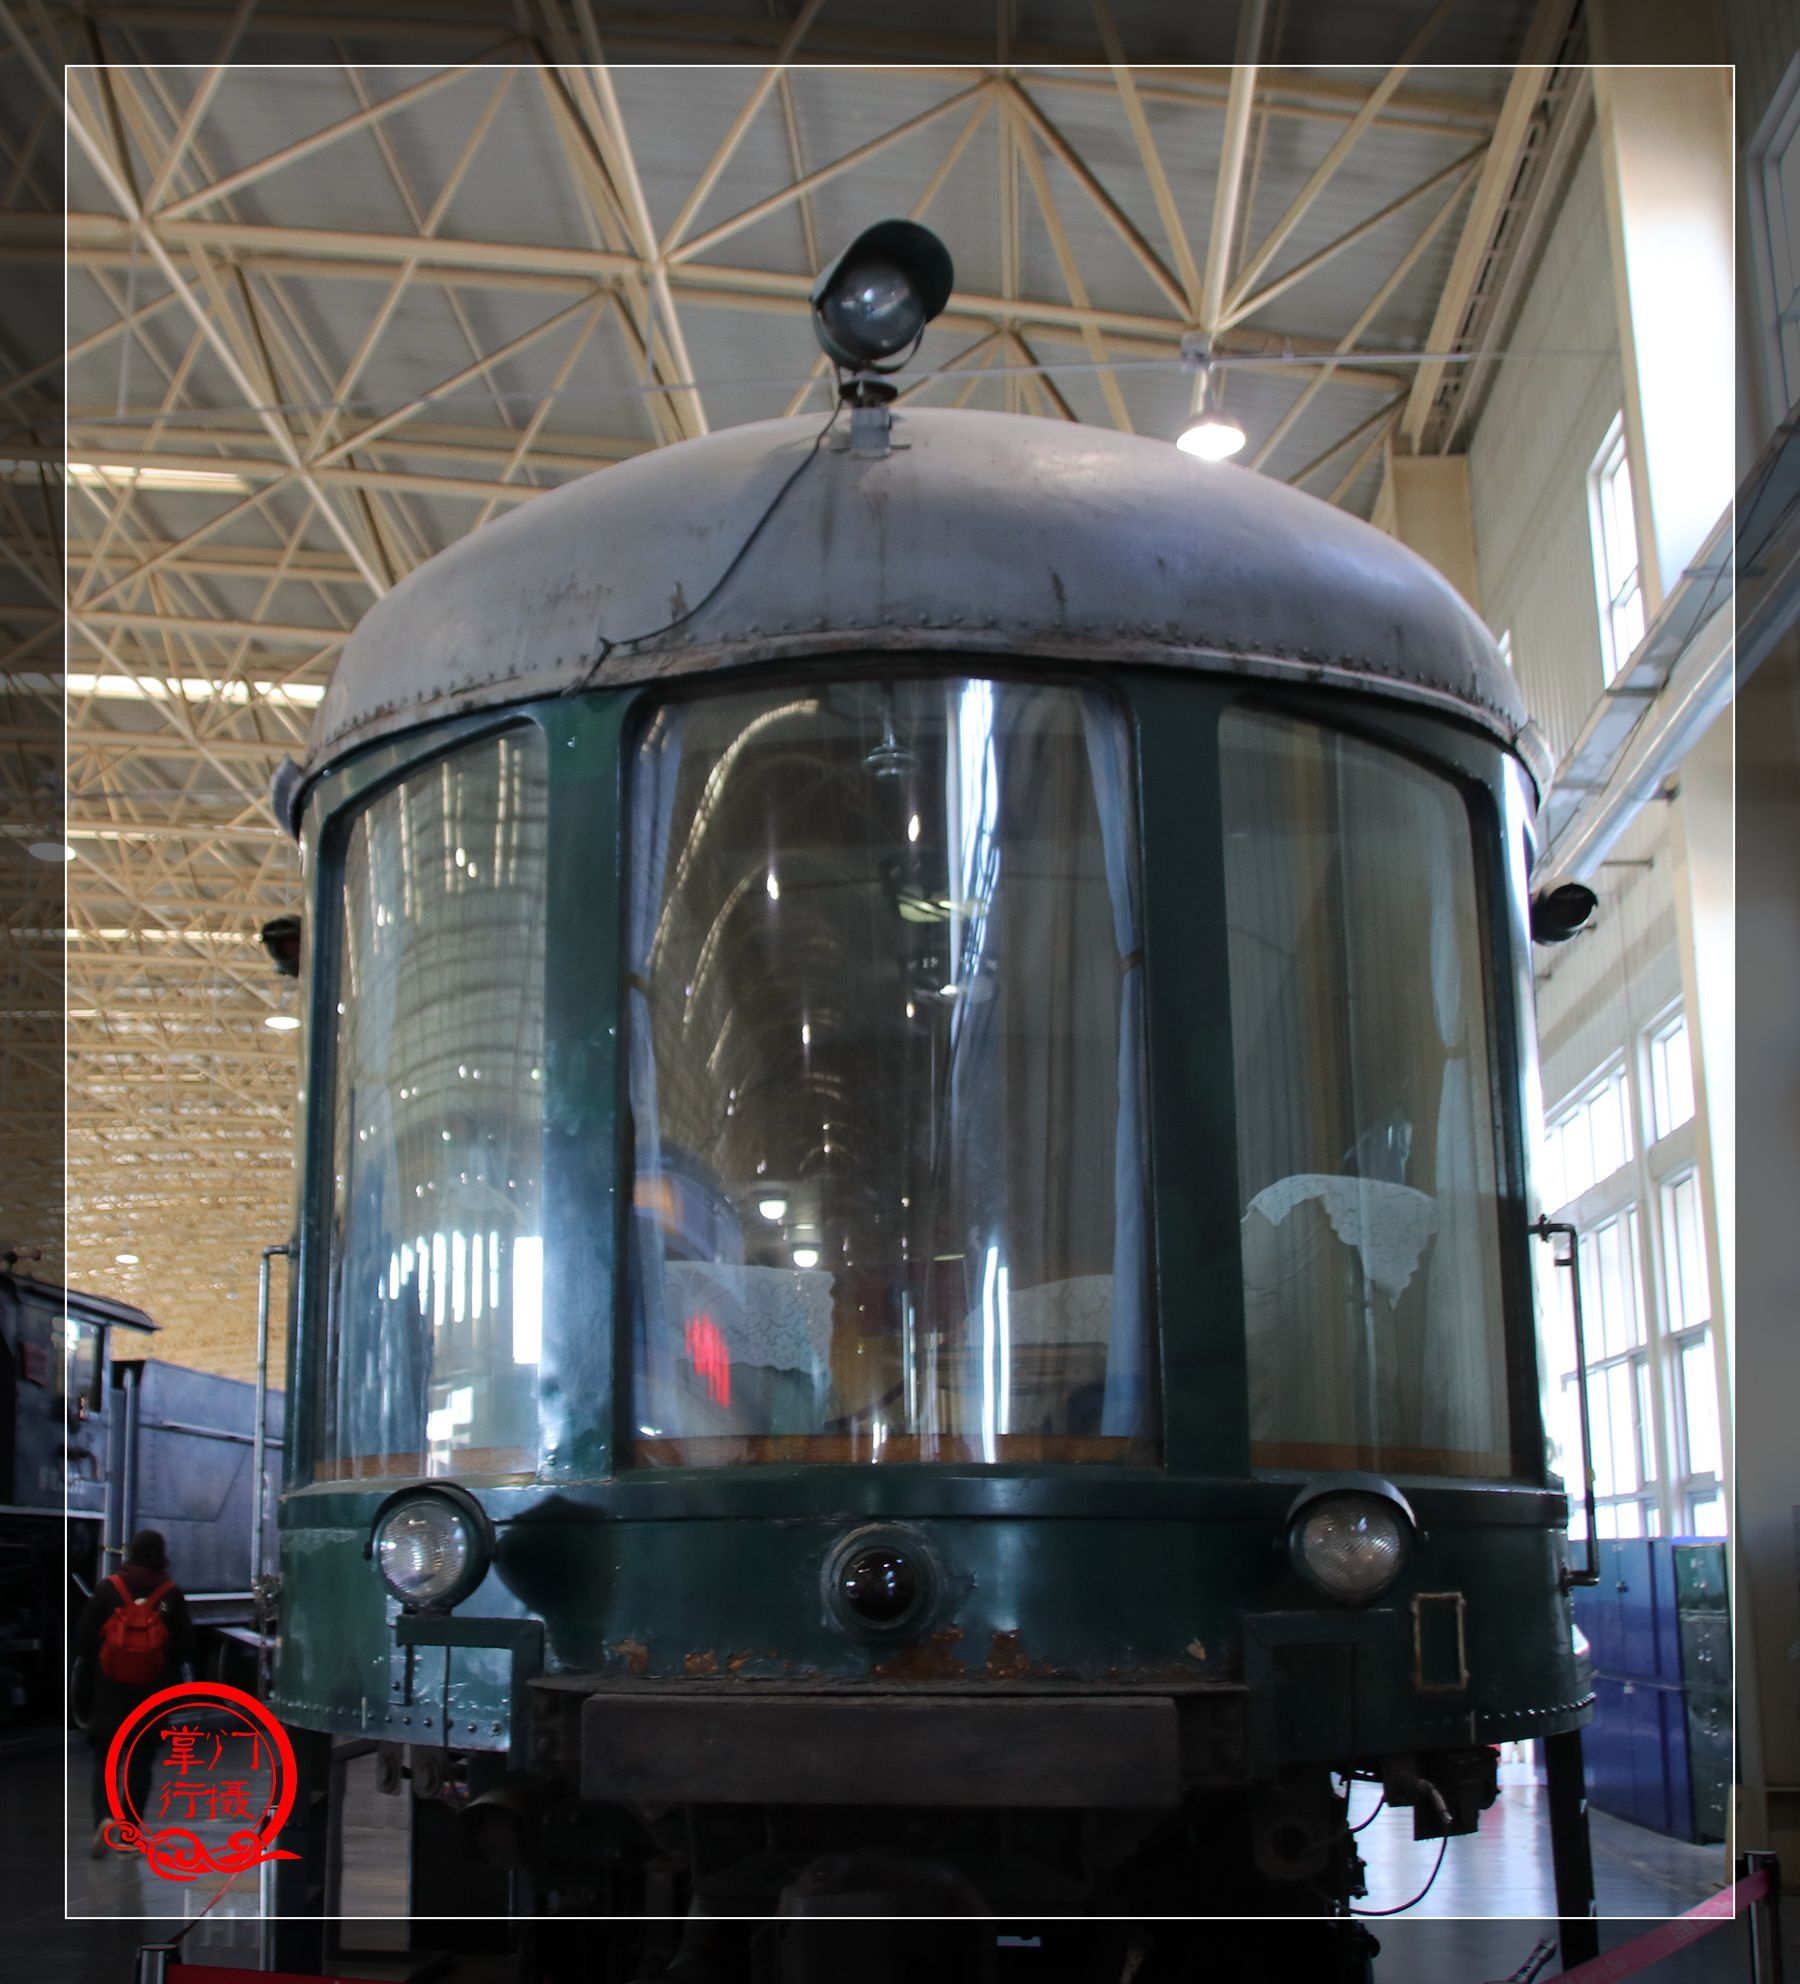 实拍目前中国保存的最古老的机车,1882年英国苏格兰机车厂制造